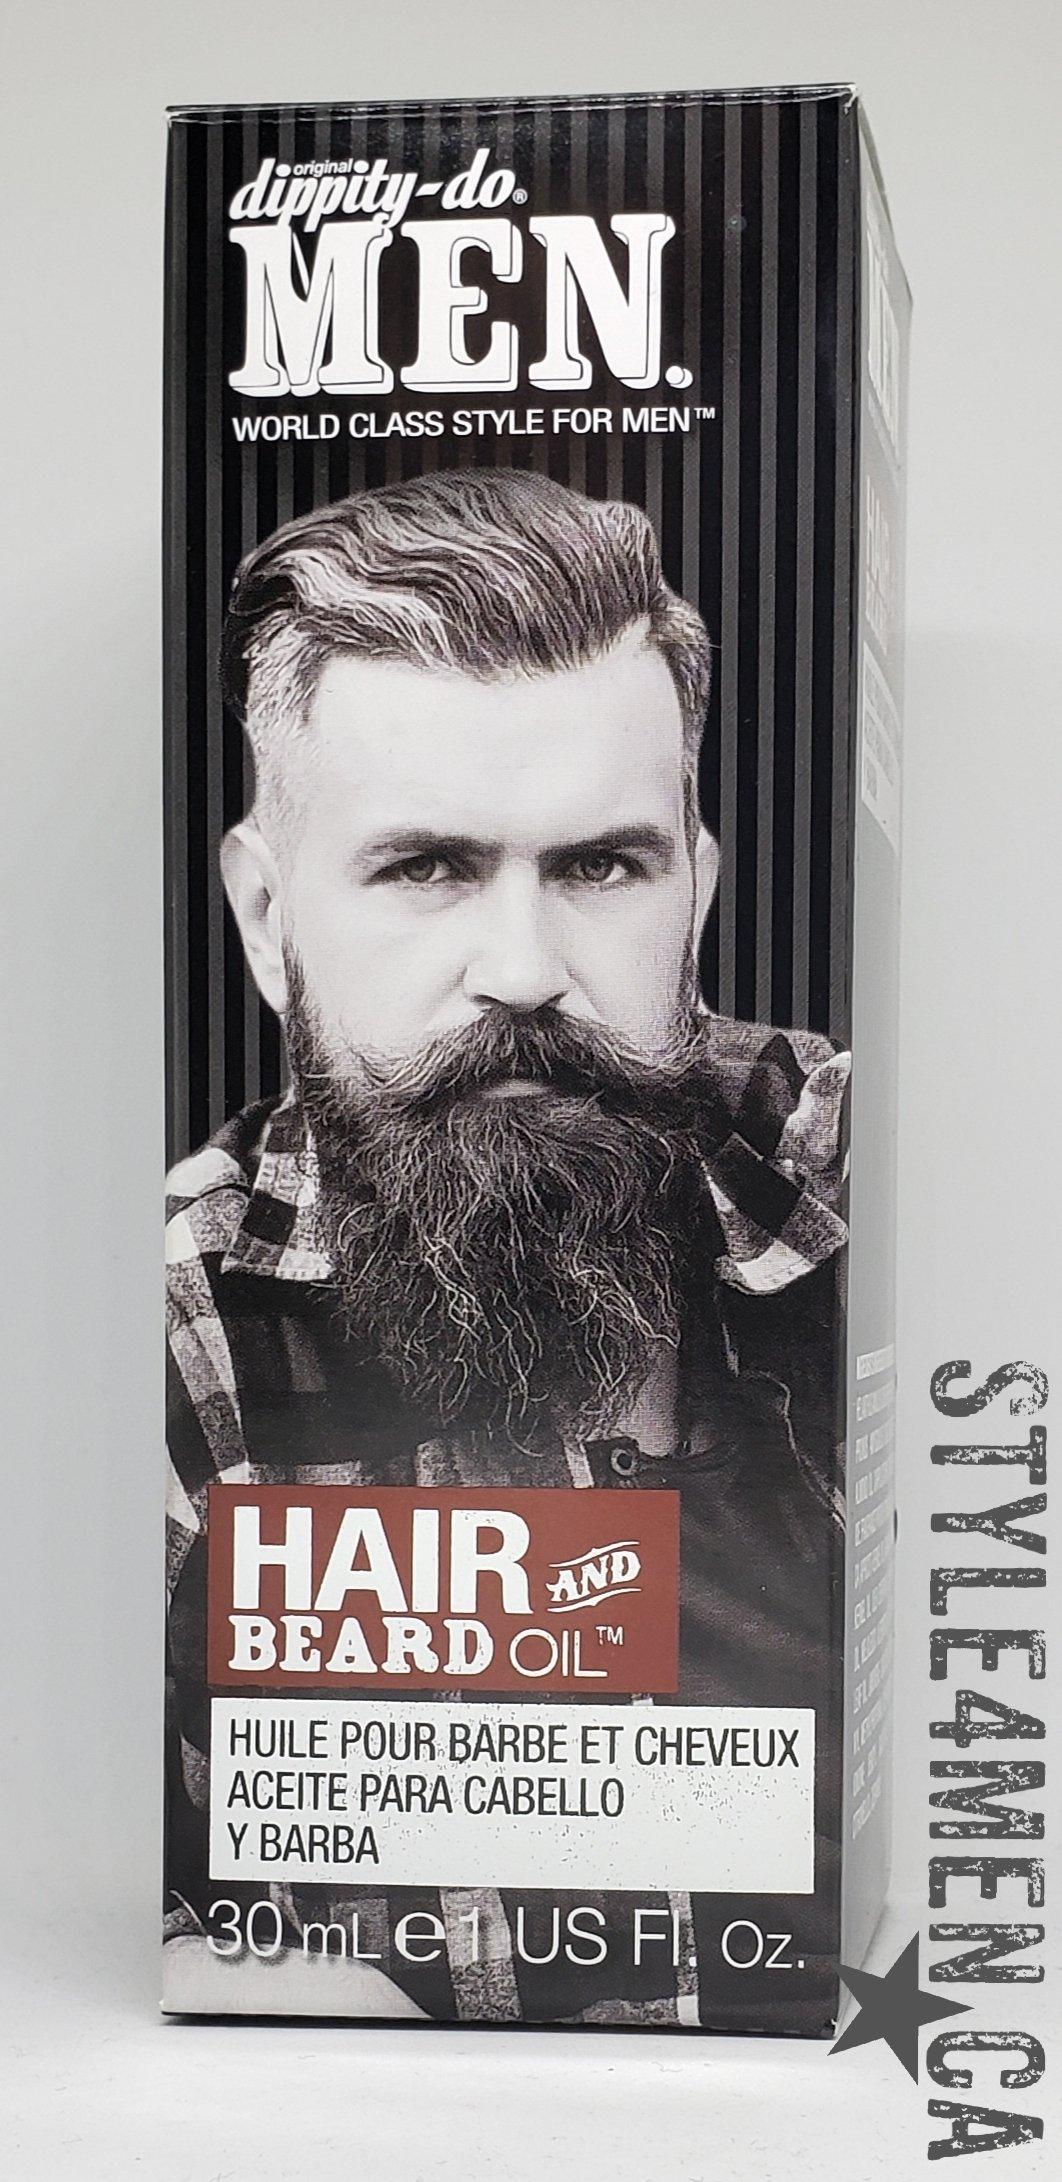 dippity-do MEN Beard Oil